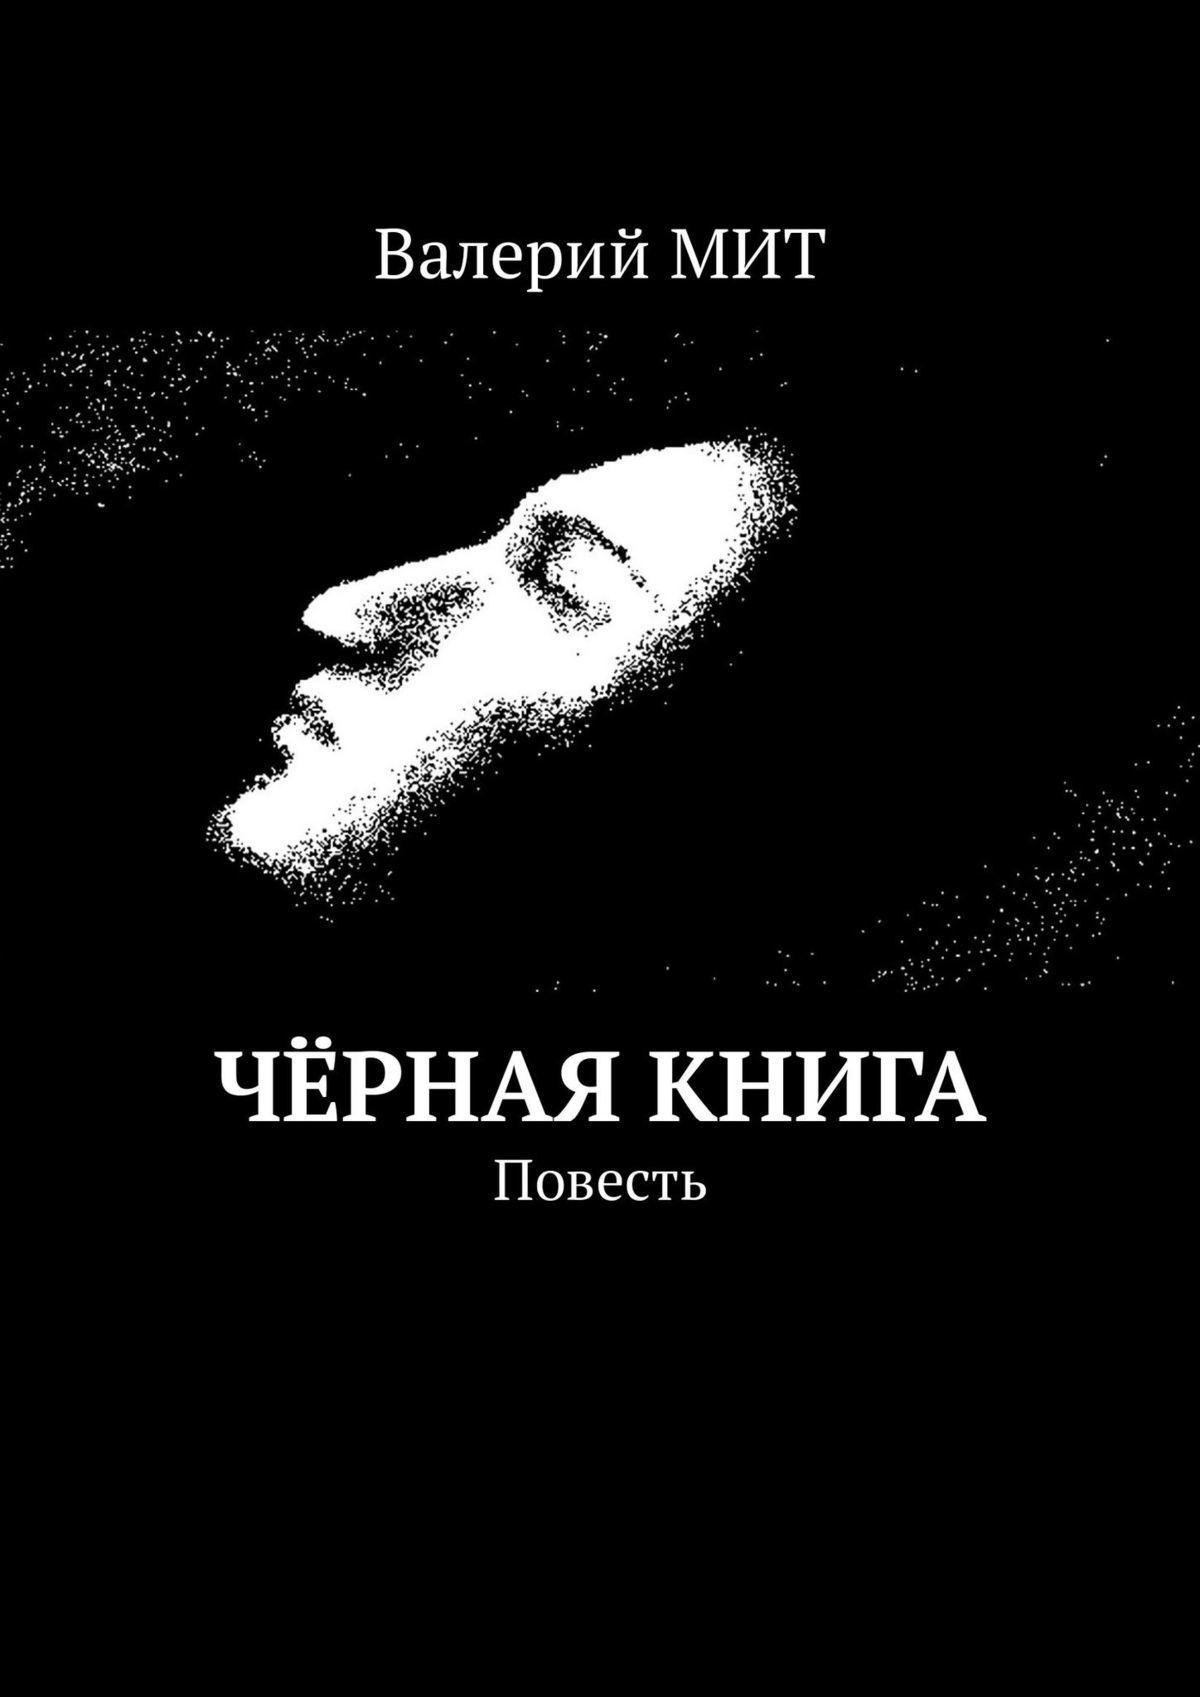 Обложка книги Чёрная книга. Повесть, автор Валерий МИТ